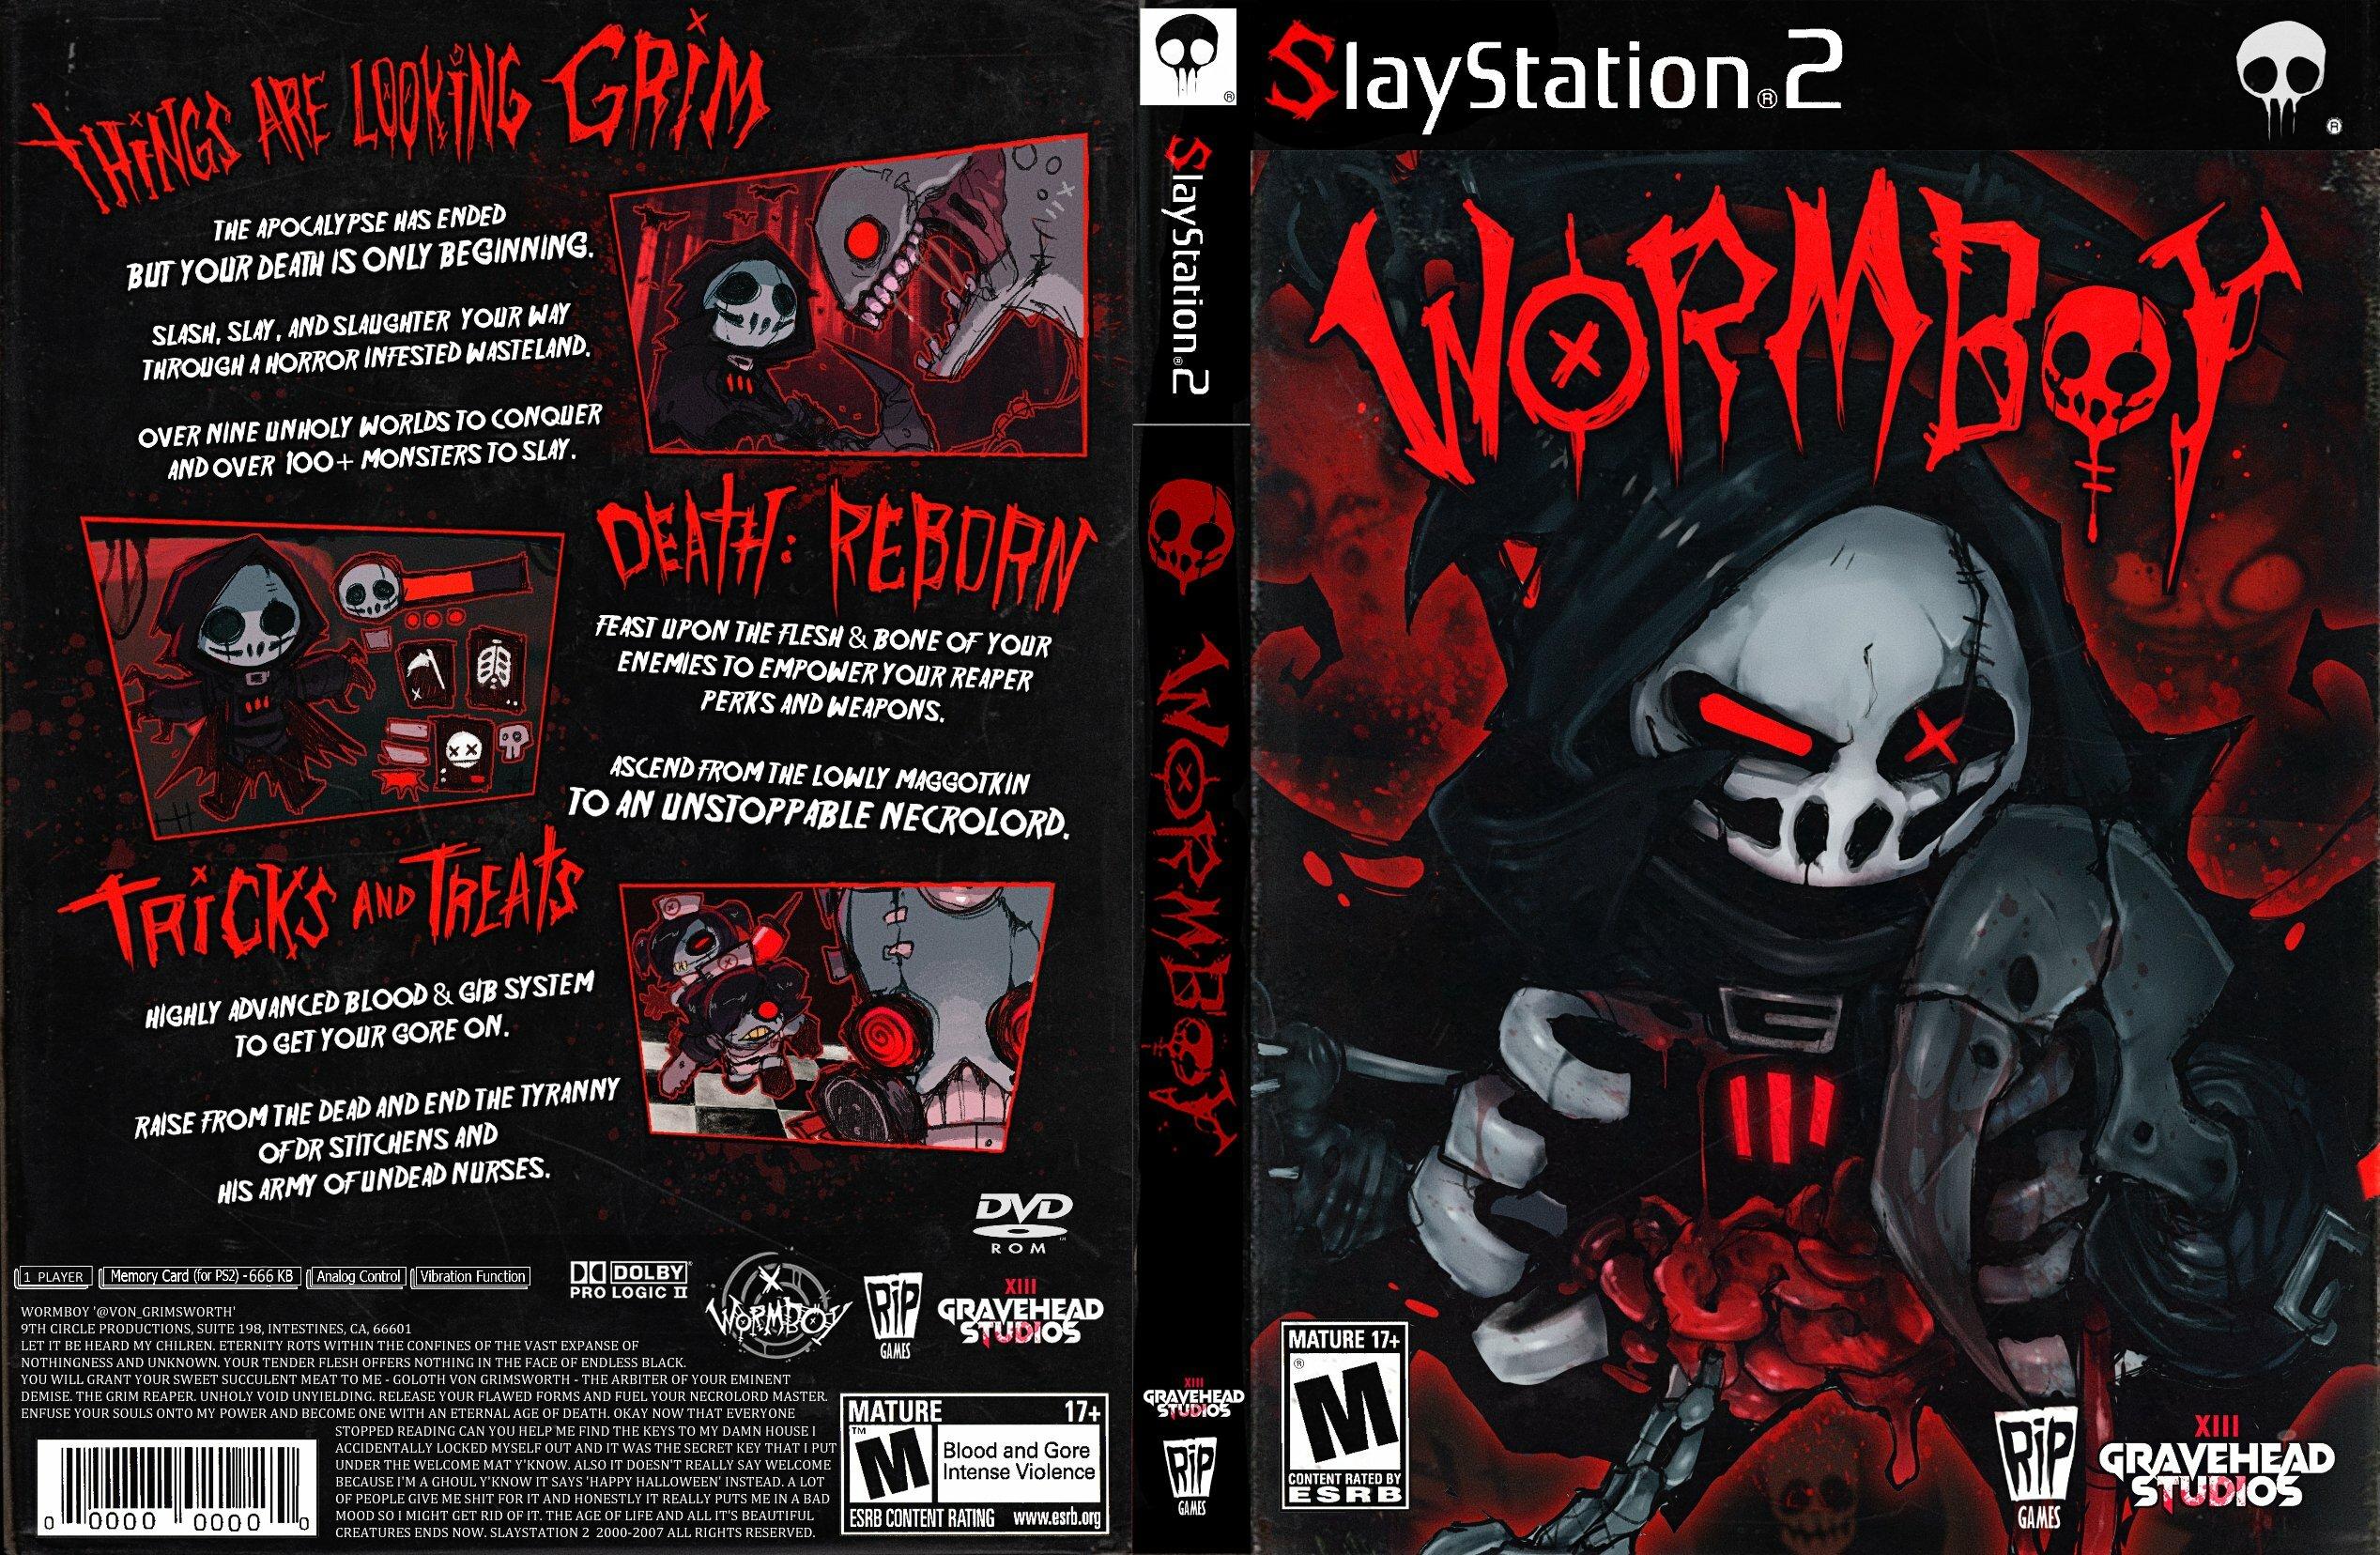 WORMBOY: THE UNHOLY (PS2)